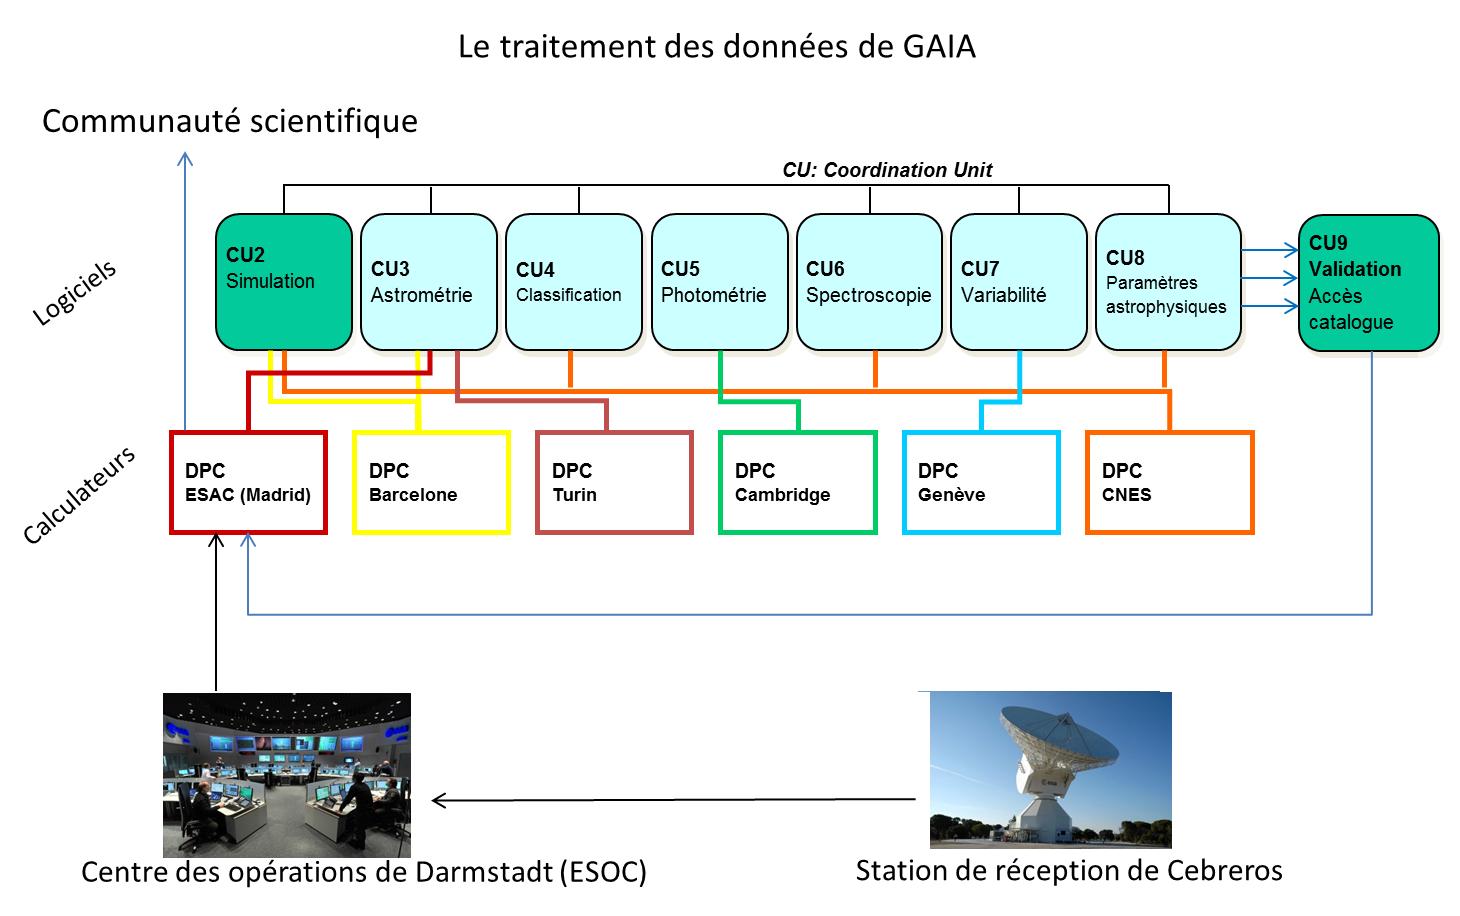 bpc_gaia-traitement-donnees.png